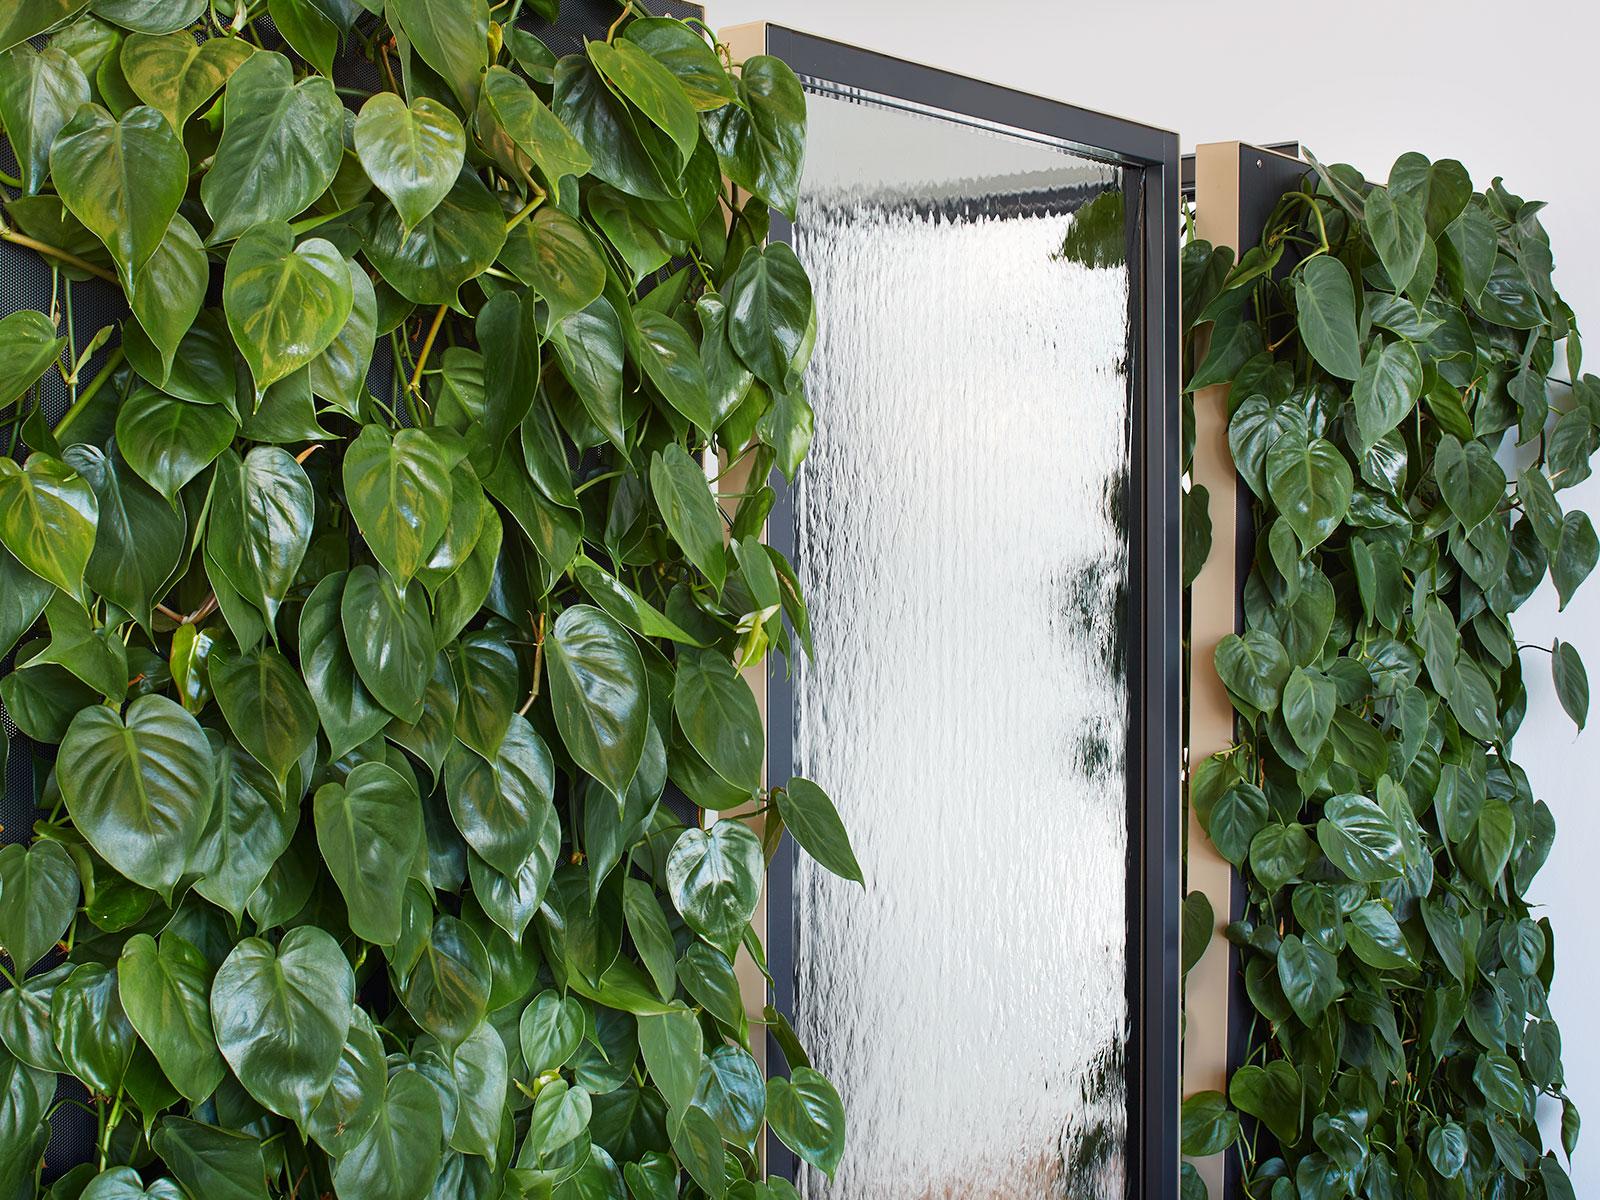 mehr privatsph re durch mobile pflanzenw nde von hydroflora hydroflora gmbh. Black Bedroom Furniture Sets. Home Design Ideas